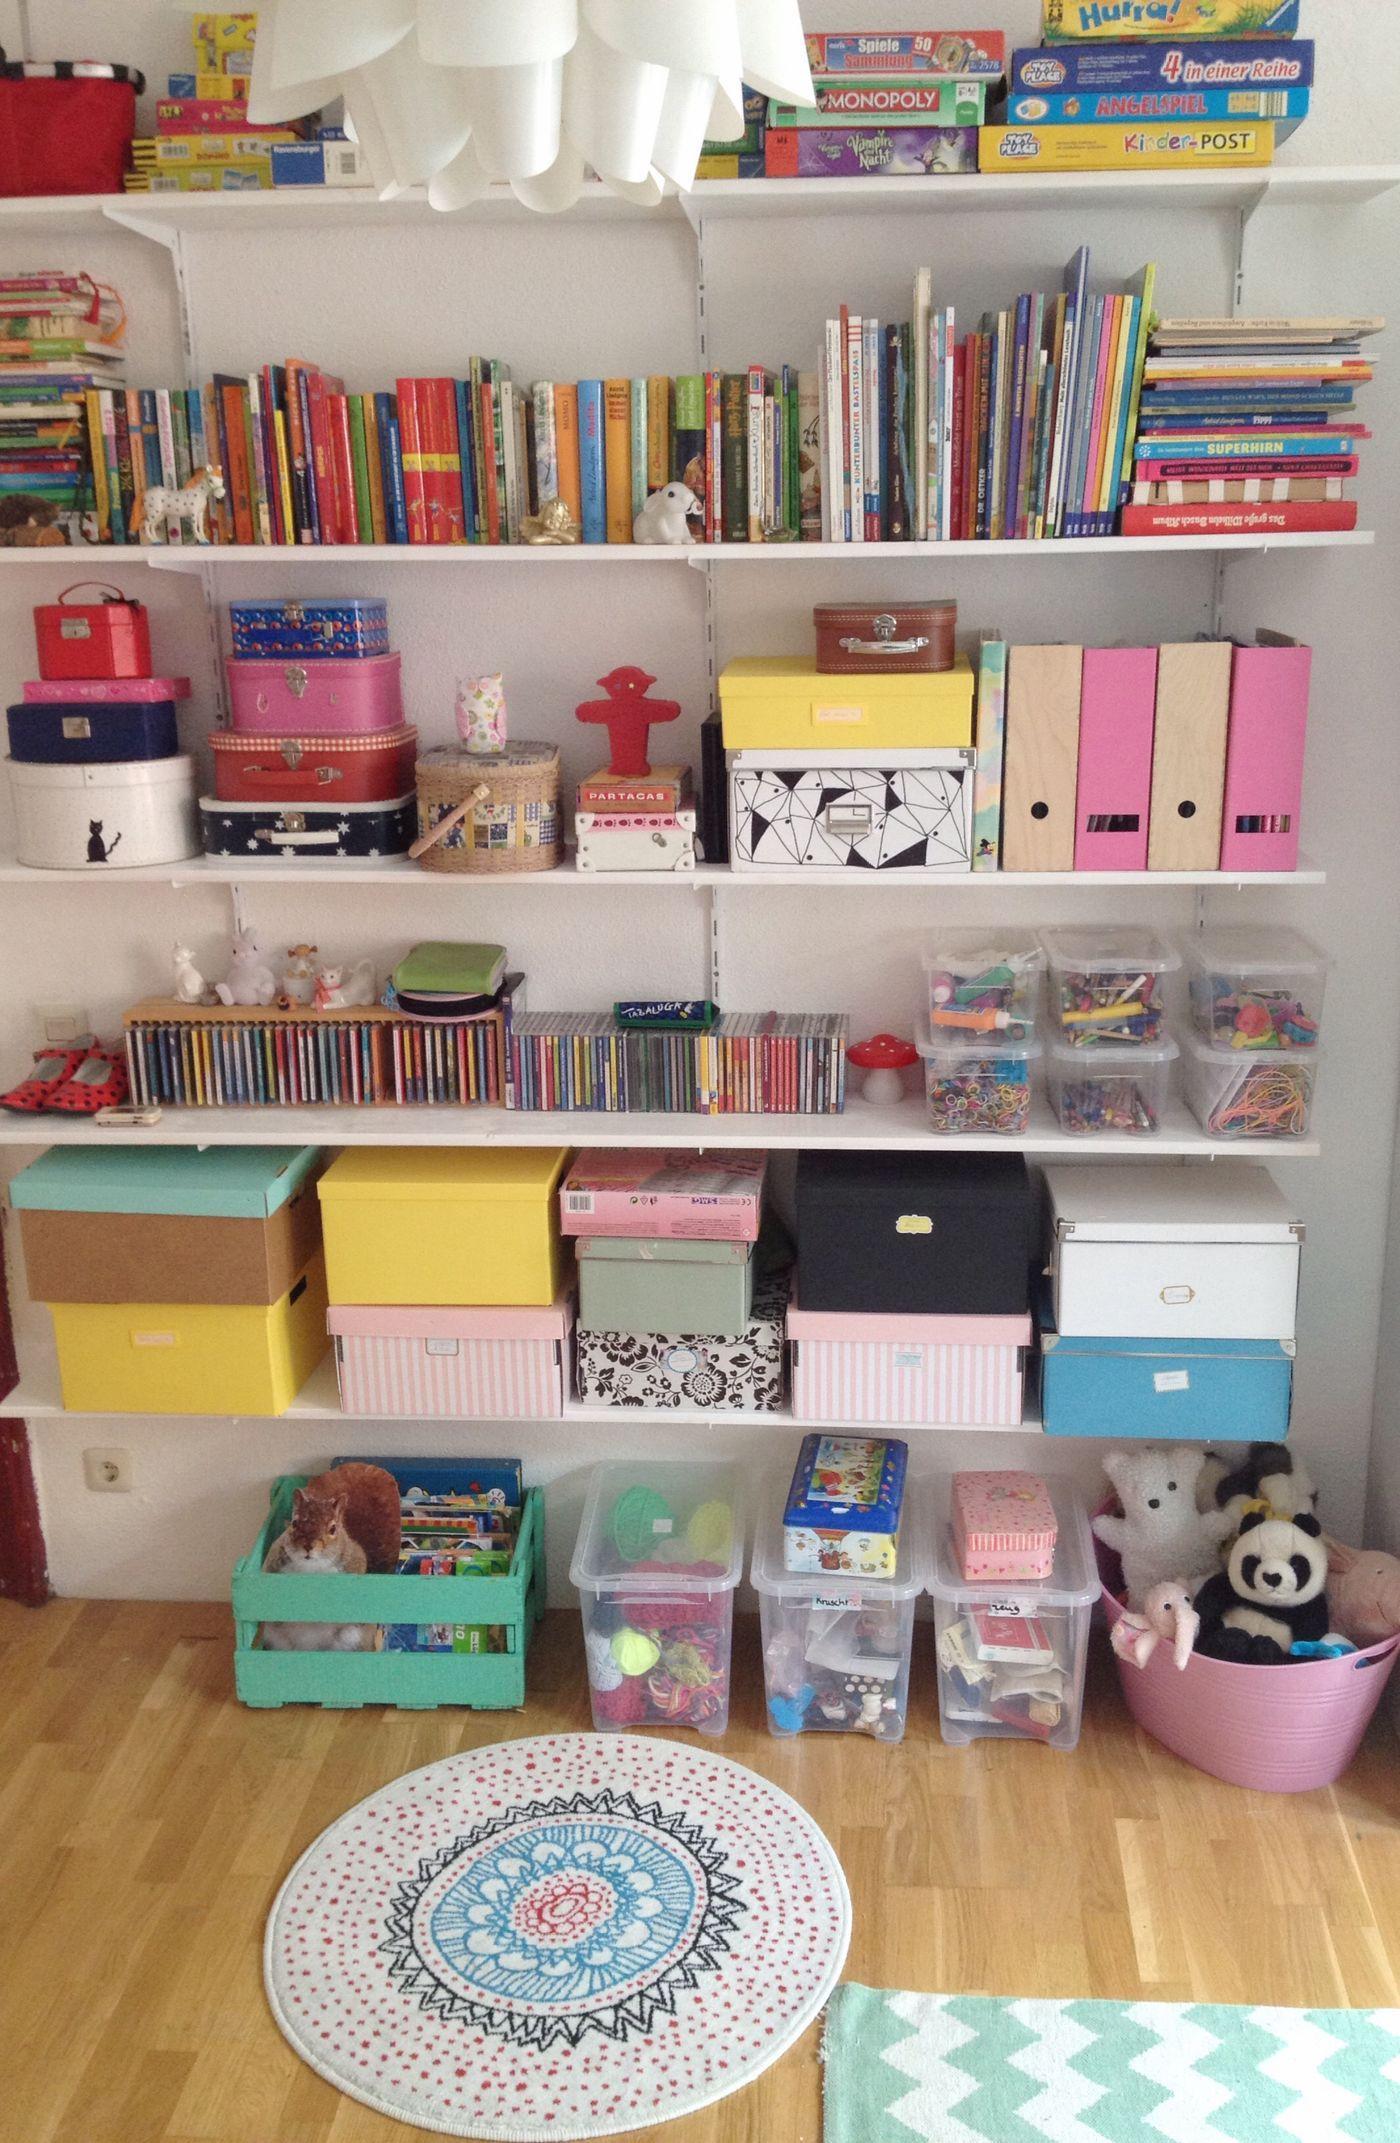 Kinderzimmer Aufbewahrung Ideen | Ideen Fur Stauraum Und Aufbewahrung Im Kinderzimmer Seite 2